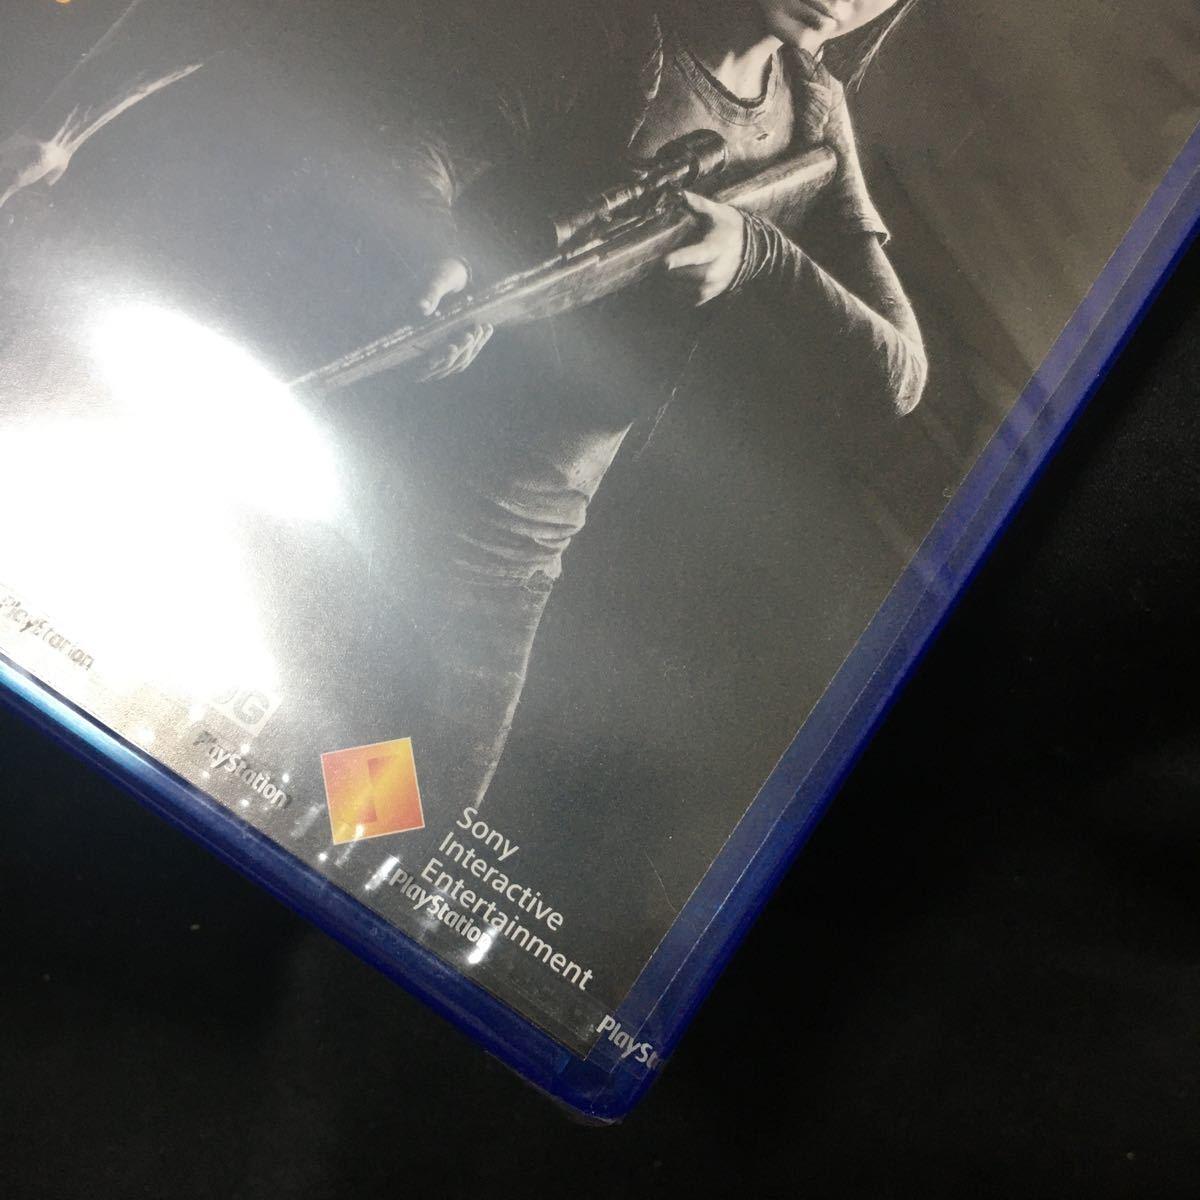 新品!未開封!【PS4】 ラストオブアス The Last of Us Remastered [PlayStation Hits]